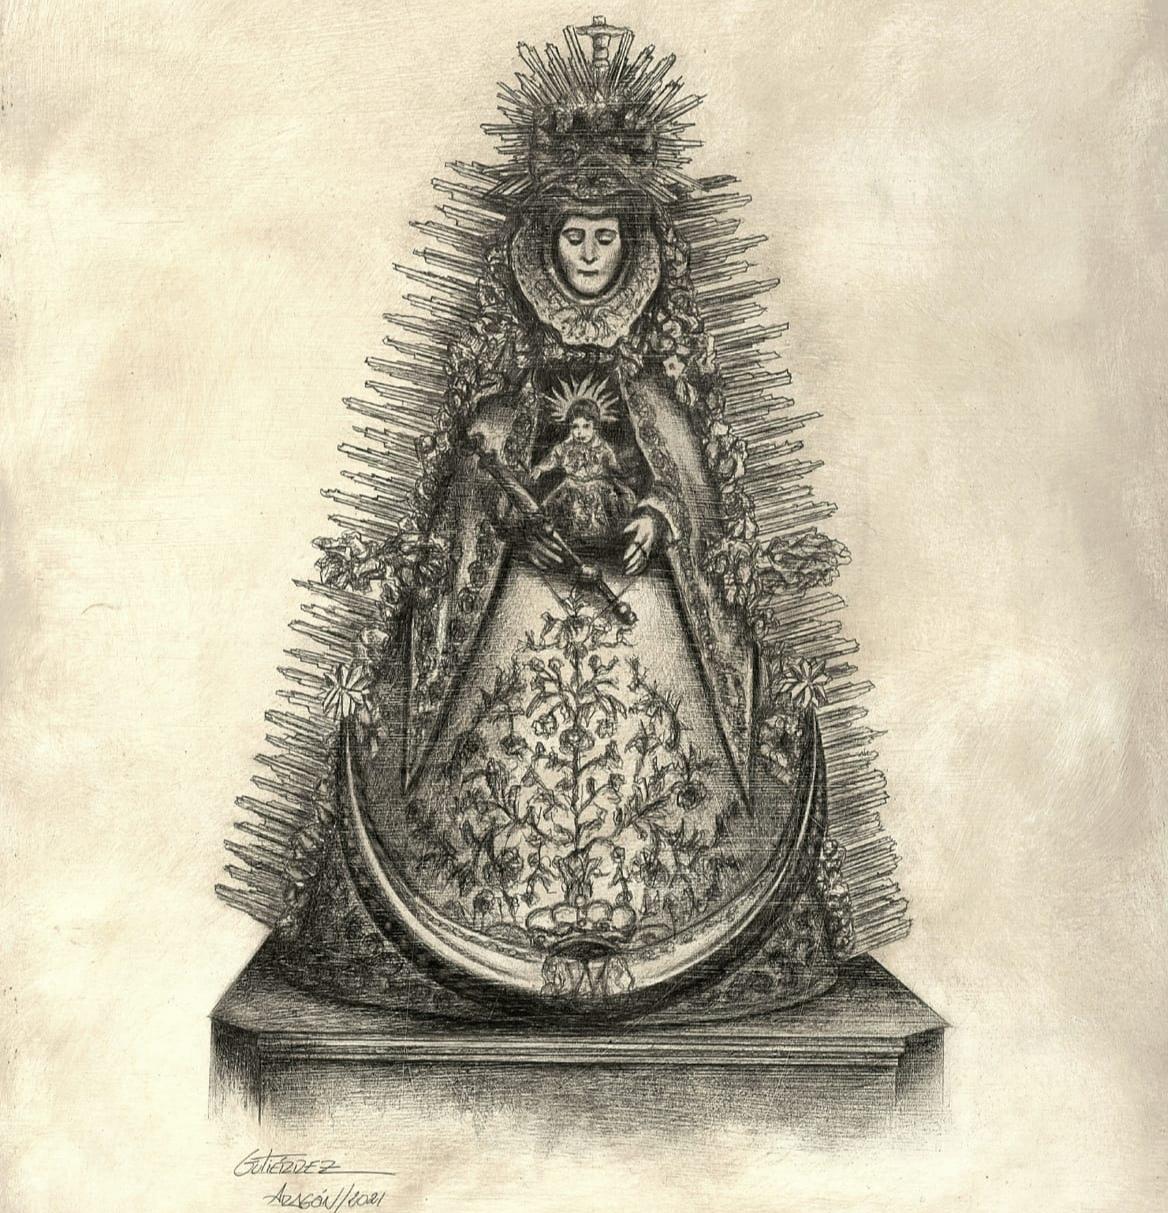 La Virgen del Rocío en los trazos de Pepillo Gutiérrez Aragón